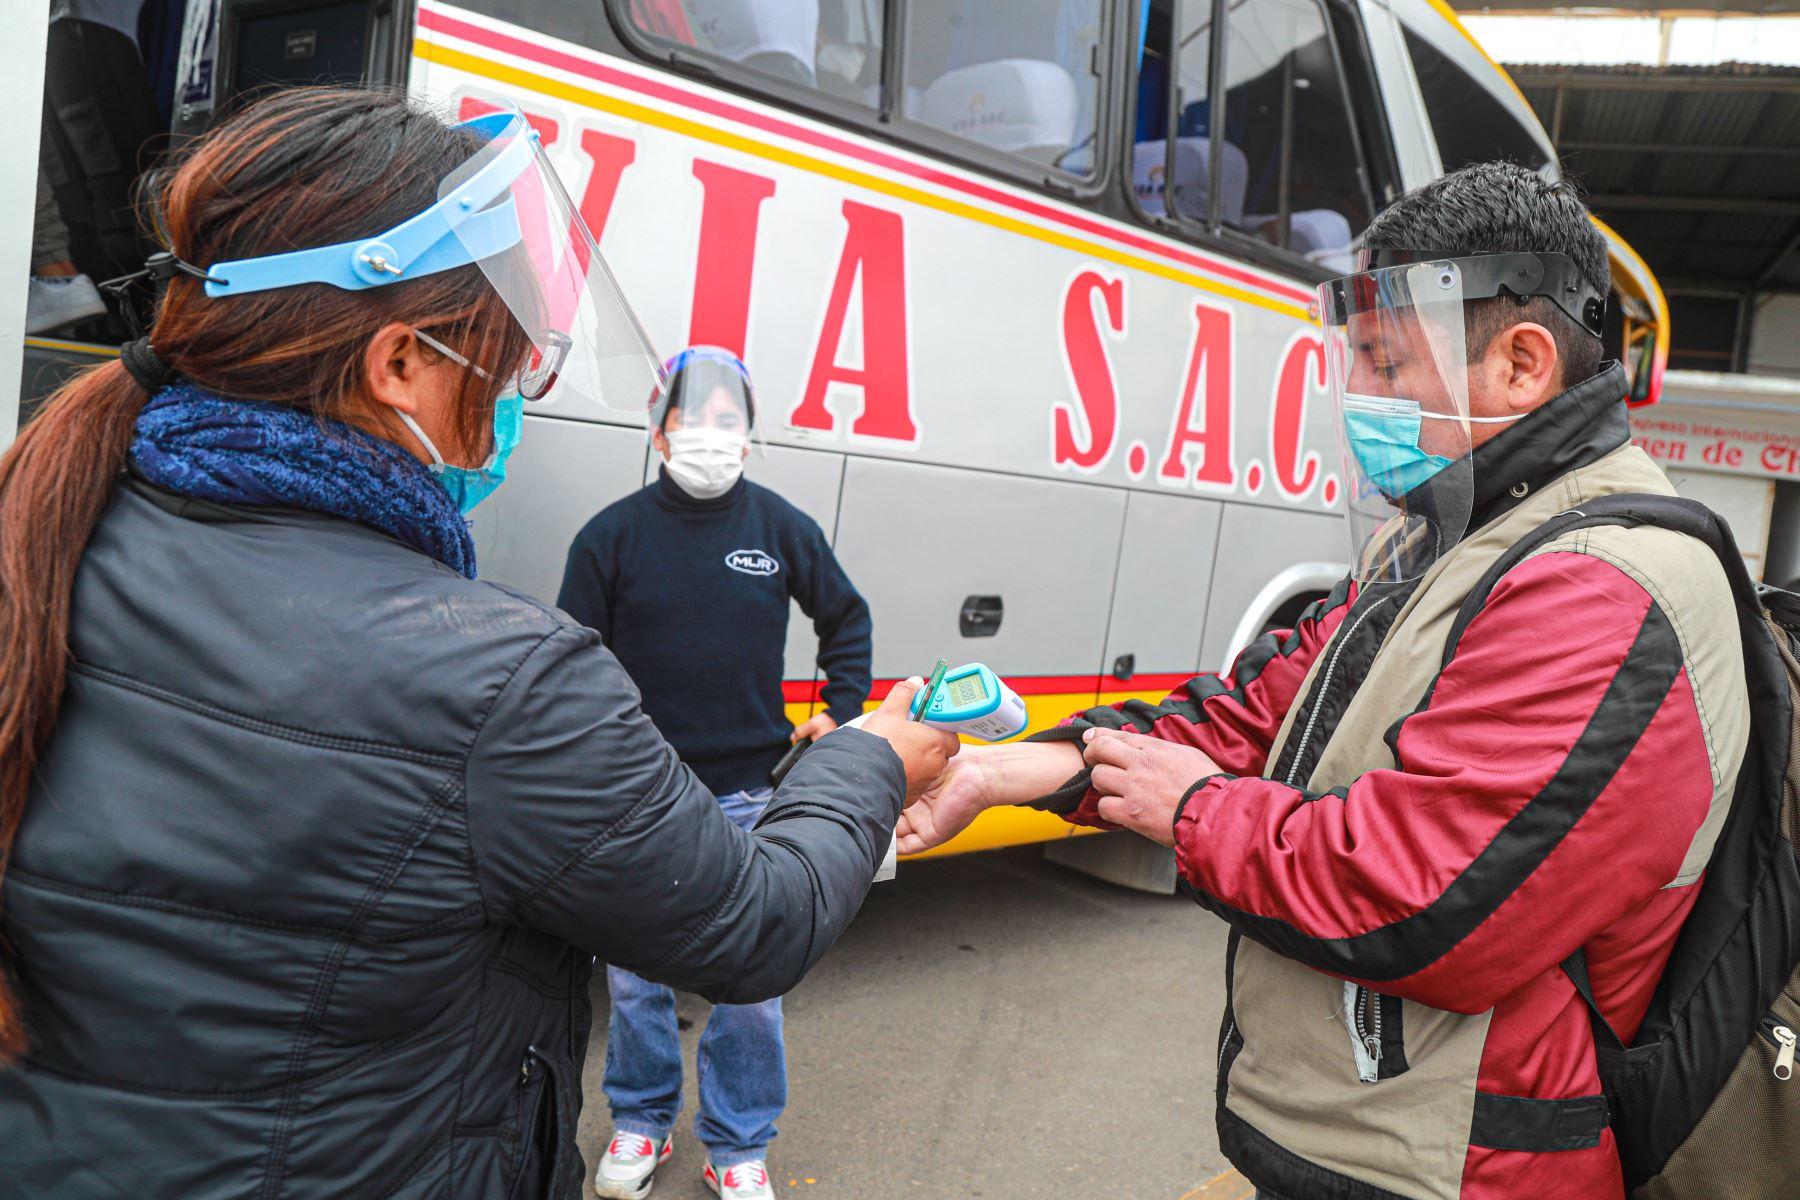 El transporte interprovincial terrestre y aéreo de pasajeros se reanudó desde esta semana en 22 provincias más donde se levantó la cuarentena, con lo cual ahora suman 138 las provincias del Perú donde se puede viajar dado que se logró controlar el impacto de la pandemia del covid-19. ANDINA/Difusión